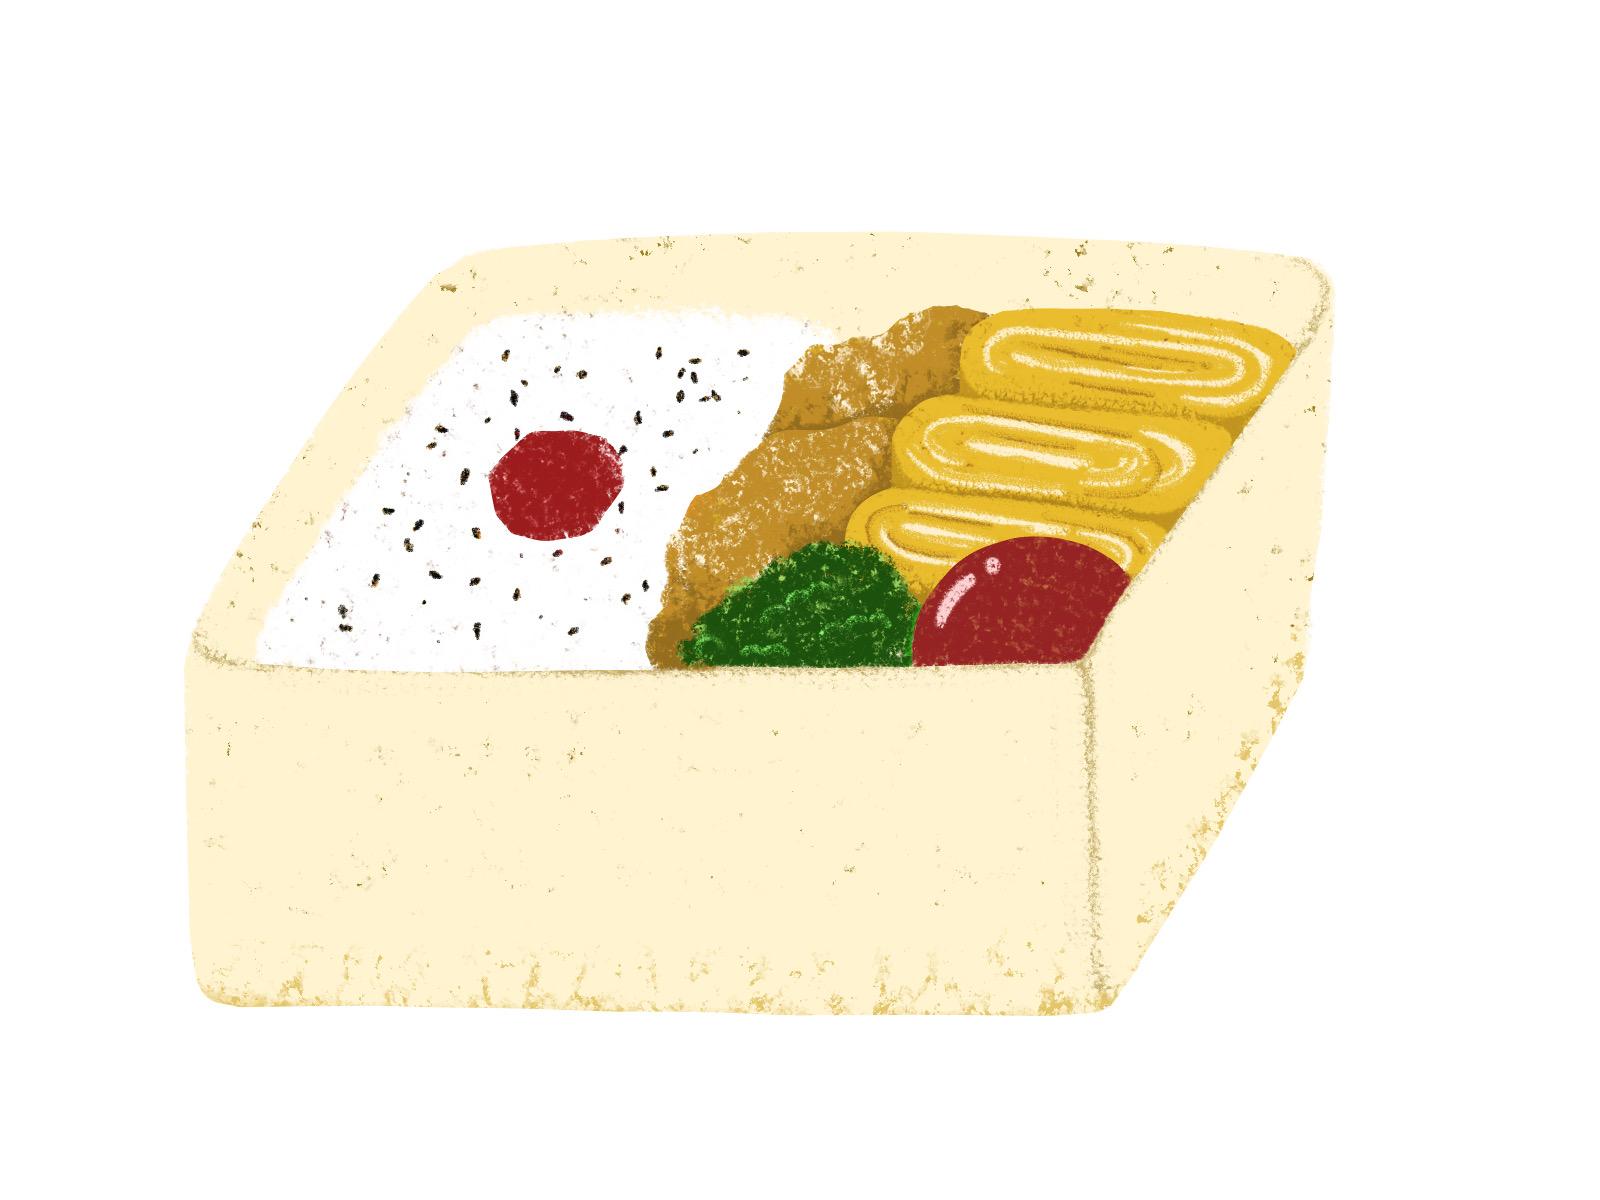 オリックス山本由伸投手、お弁当作りにはまる「食事が筋力に影響。炭水化物ビタミンミネラル。いつも考えてる」